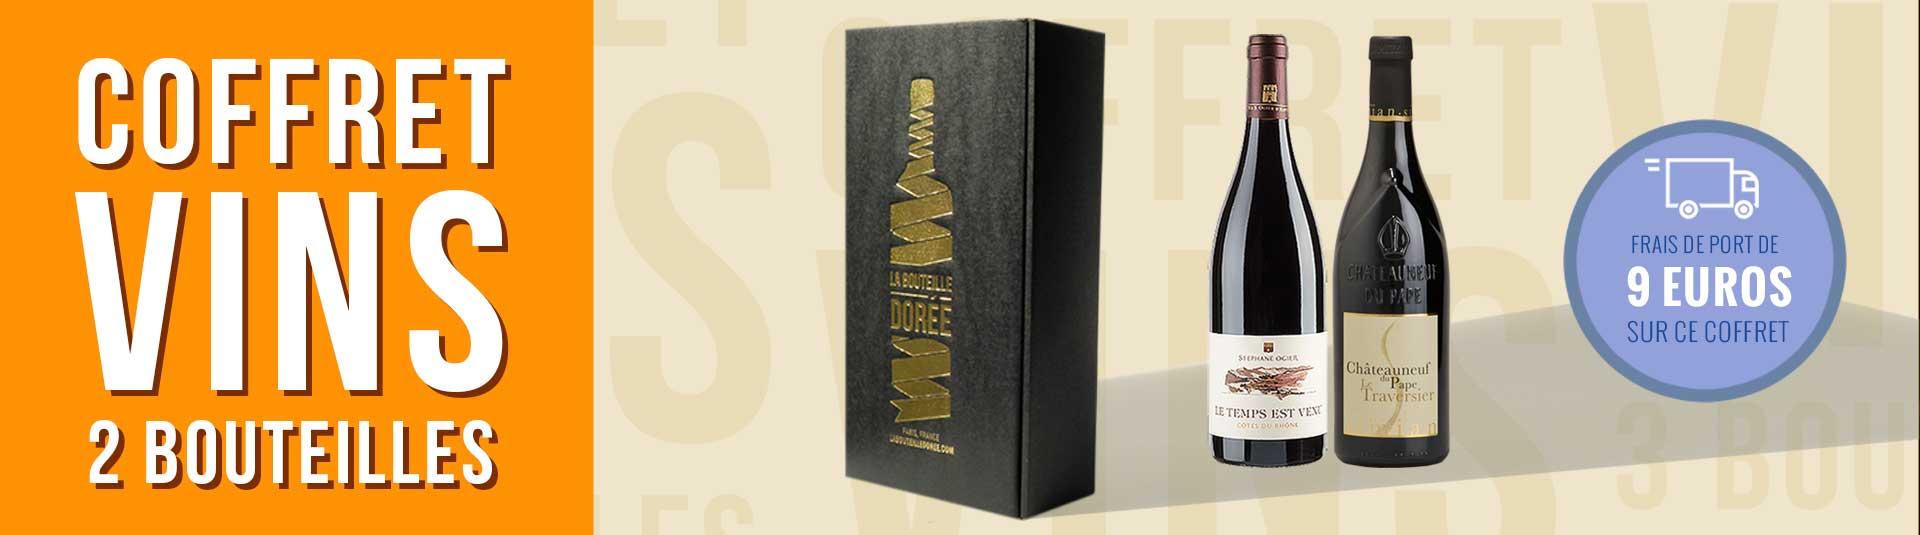 coffret vin Rhône Cépage Grenache 2 bouteilles